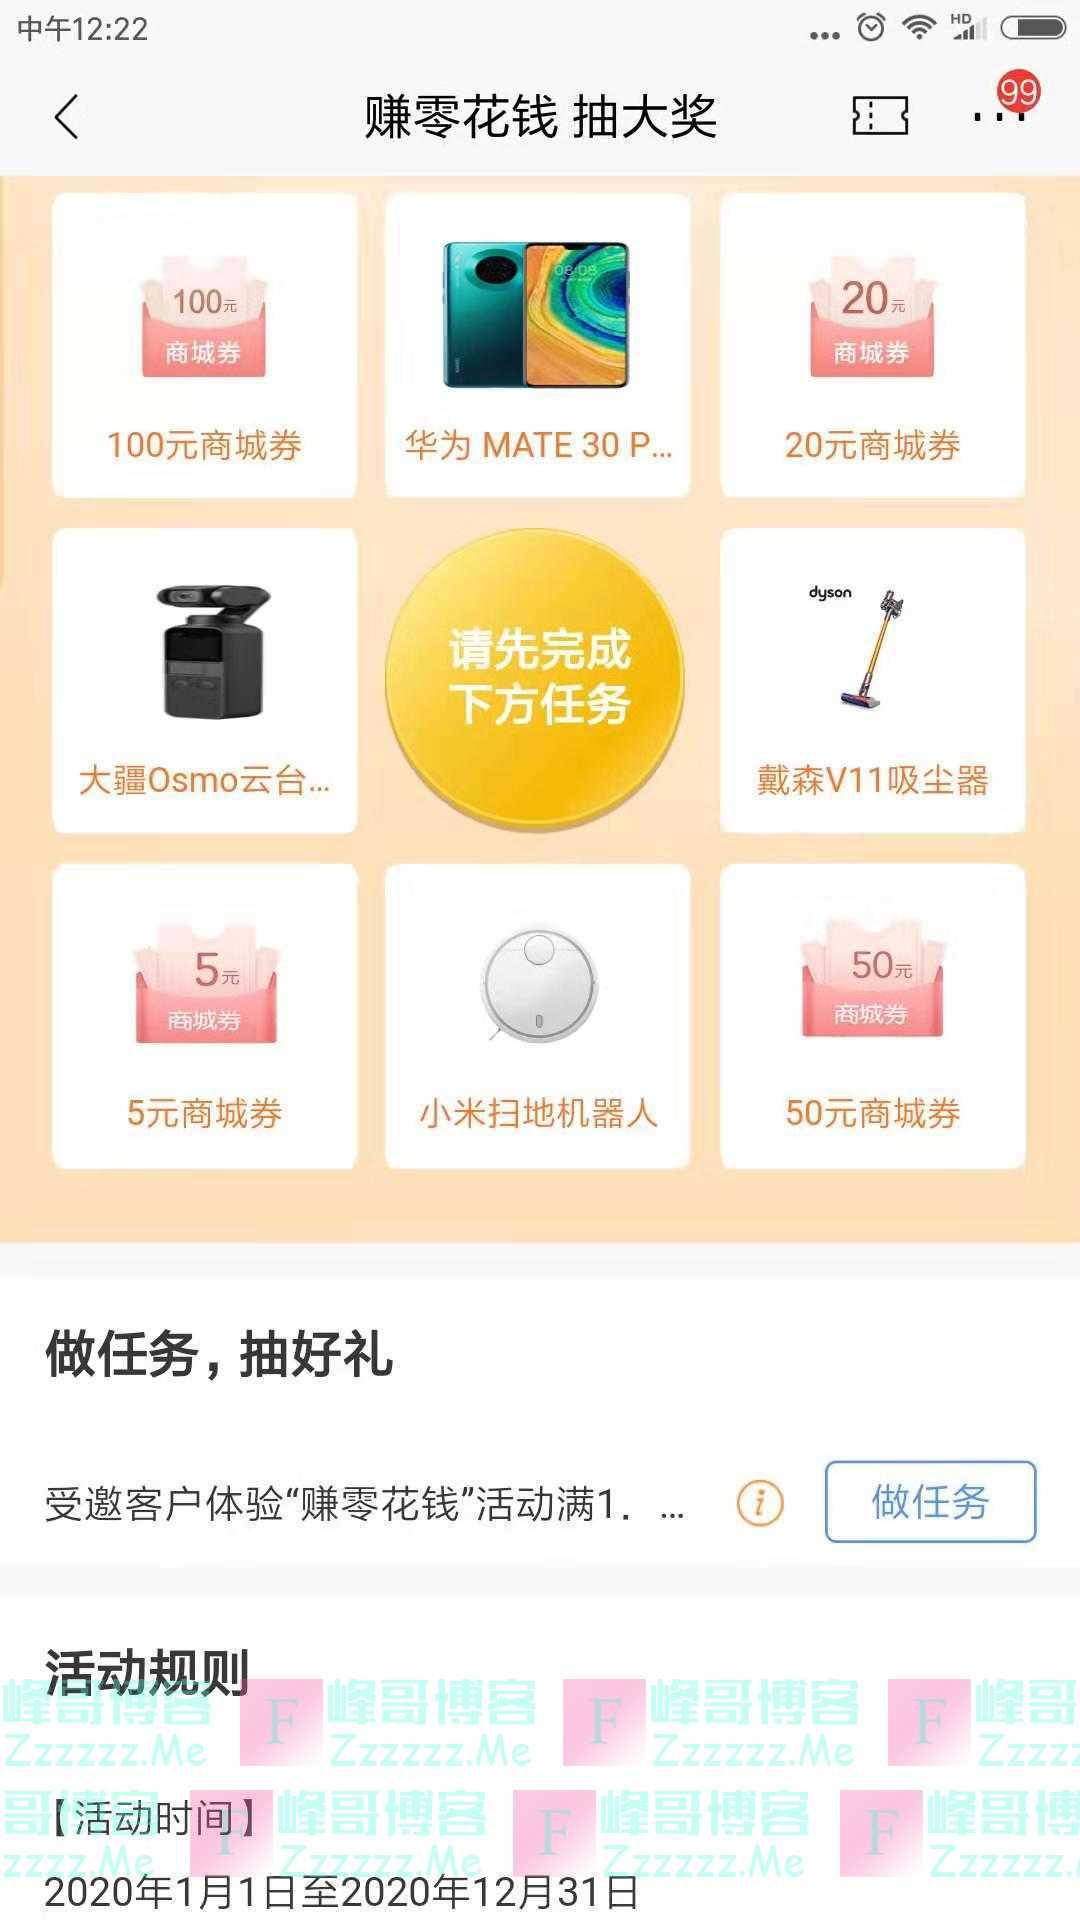 招行新一期赚零花钱抽大奖(截止12月31日)